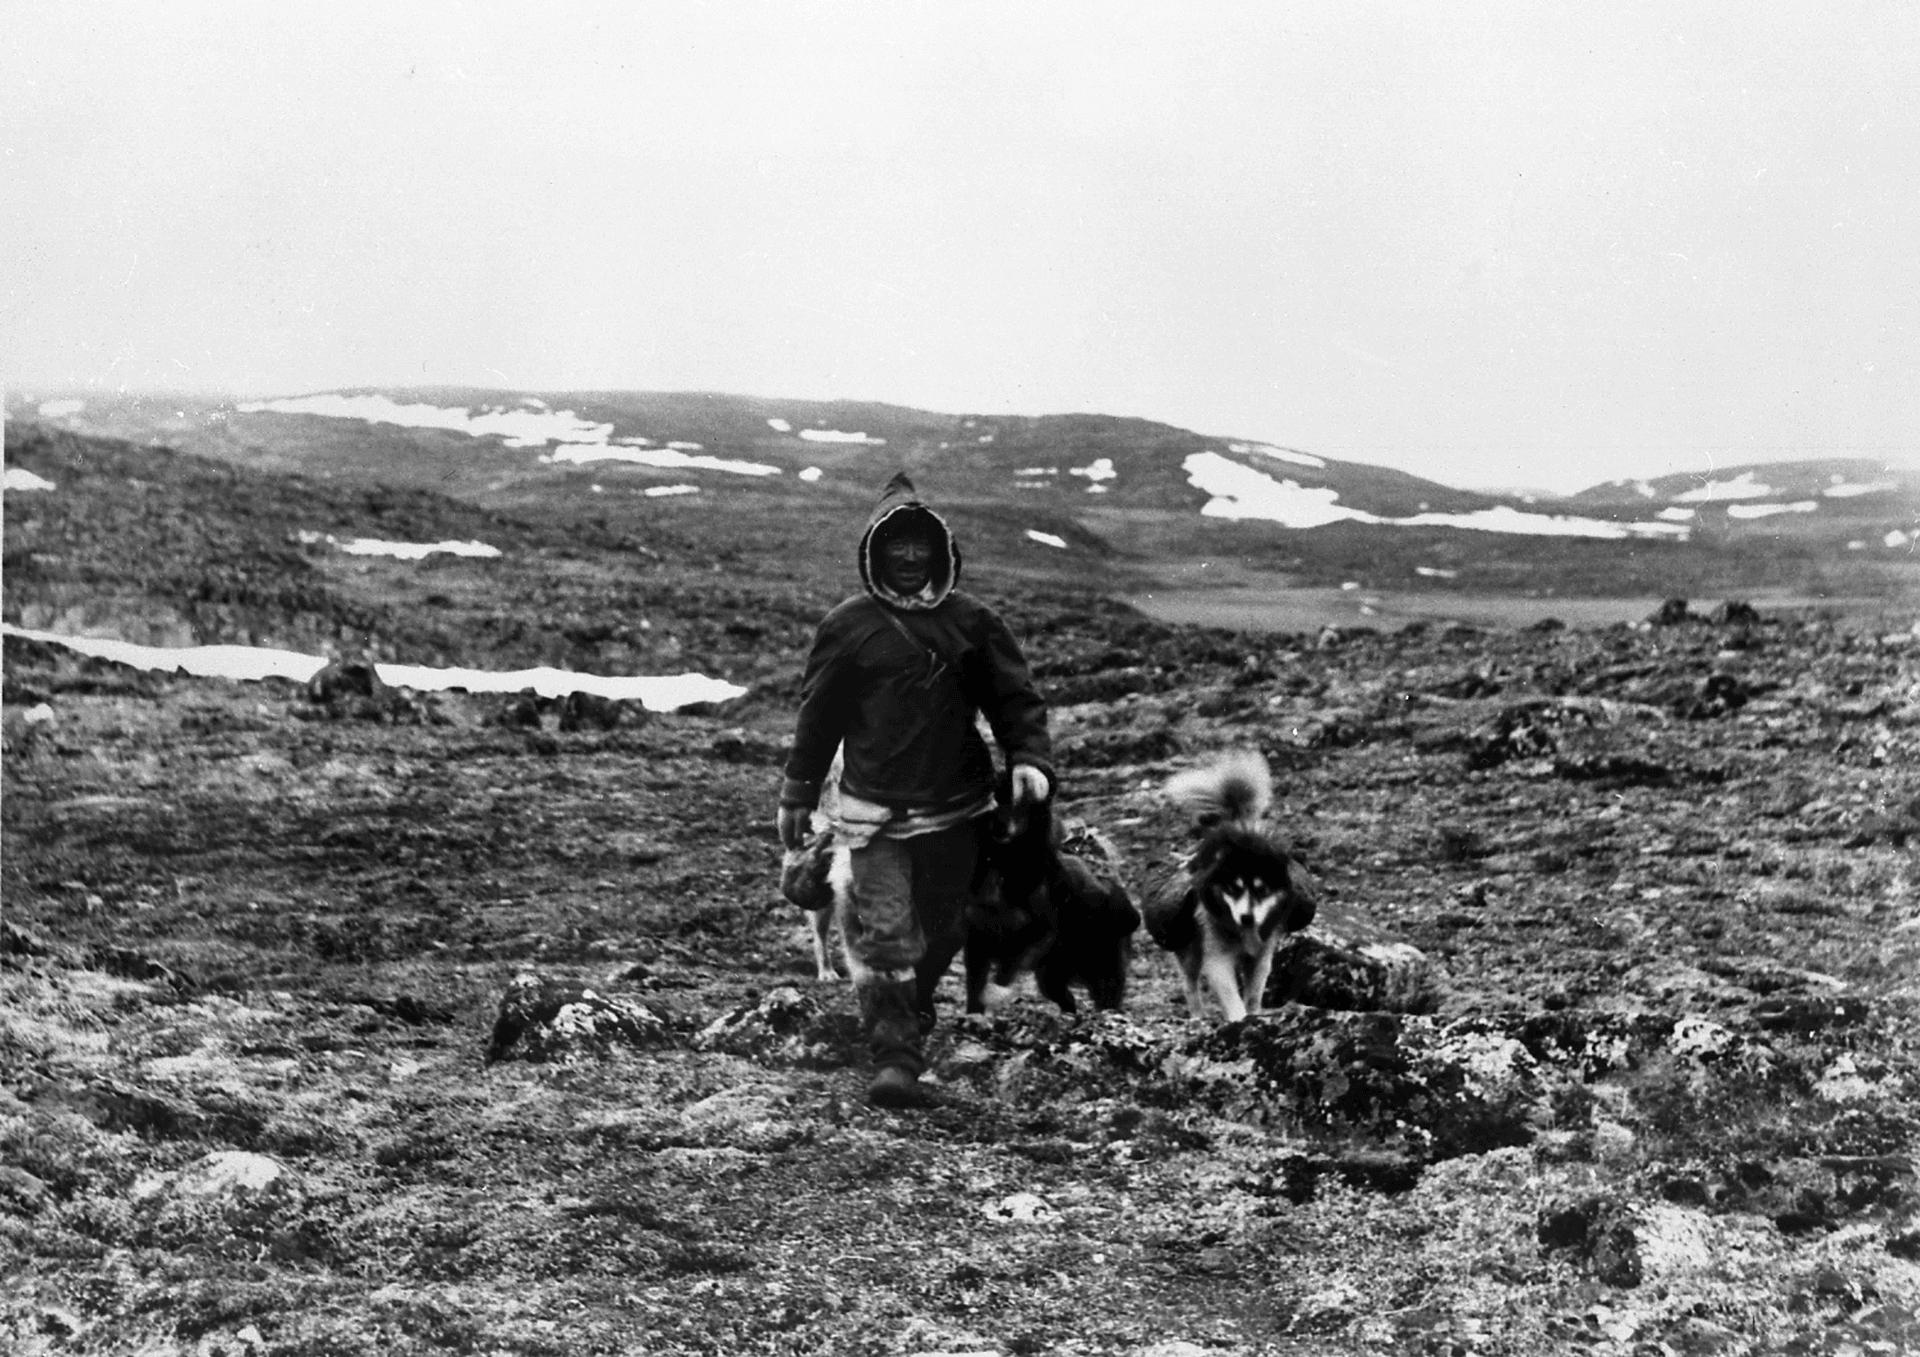 Photographie de Mathew Ningiuruvik, Inuk de Kangiqsujuaq. Kangiqsujuaq, 1960s